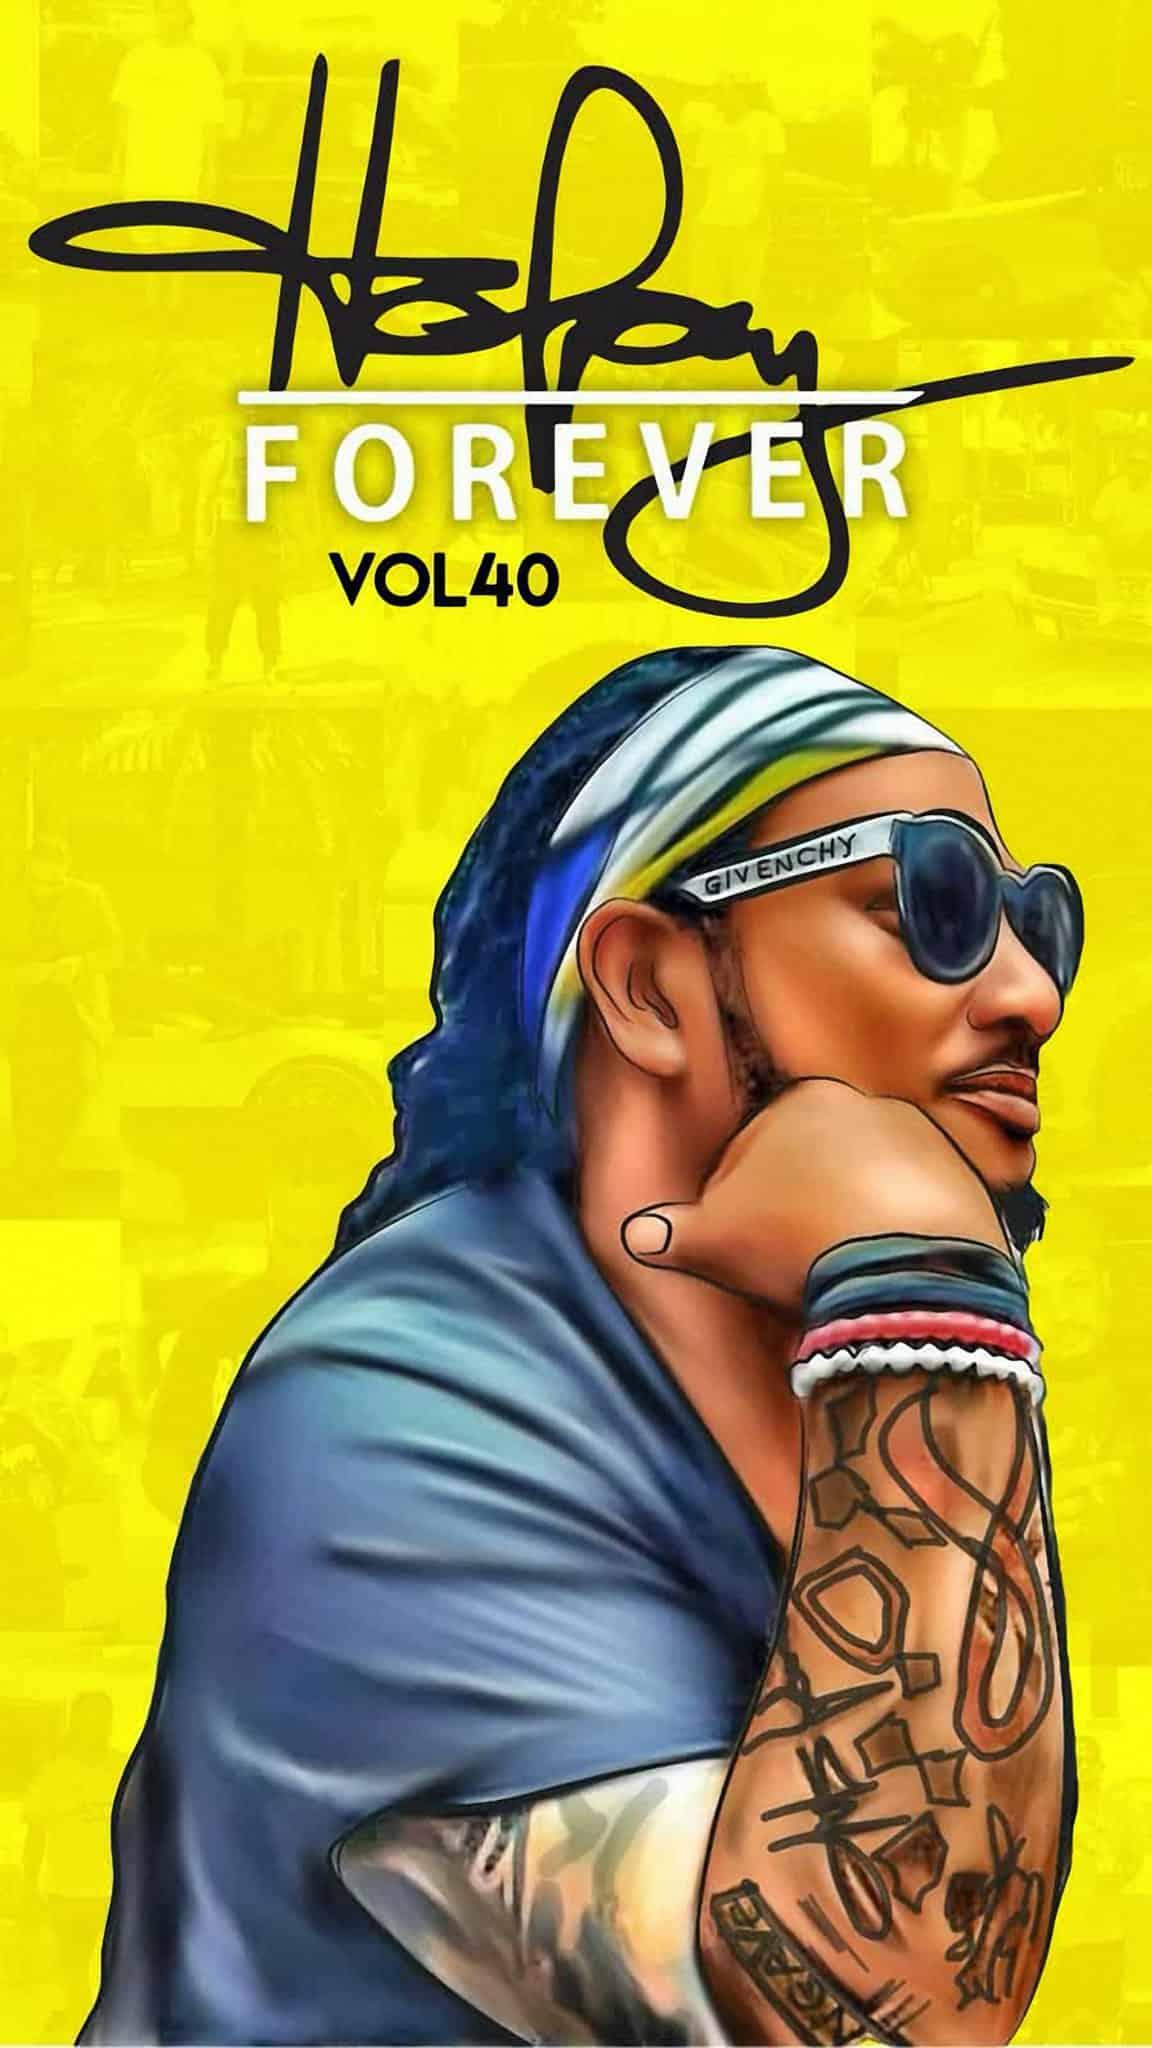 HoiPong Forever Vol40